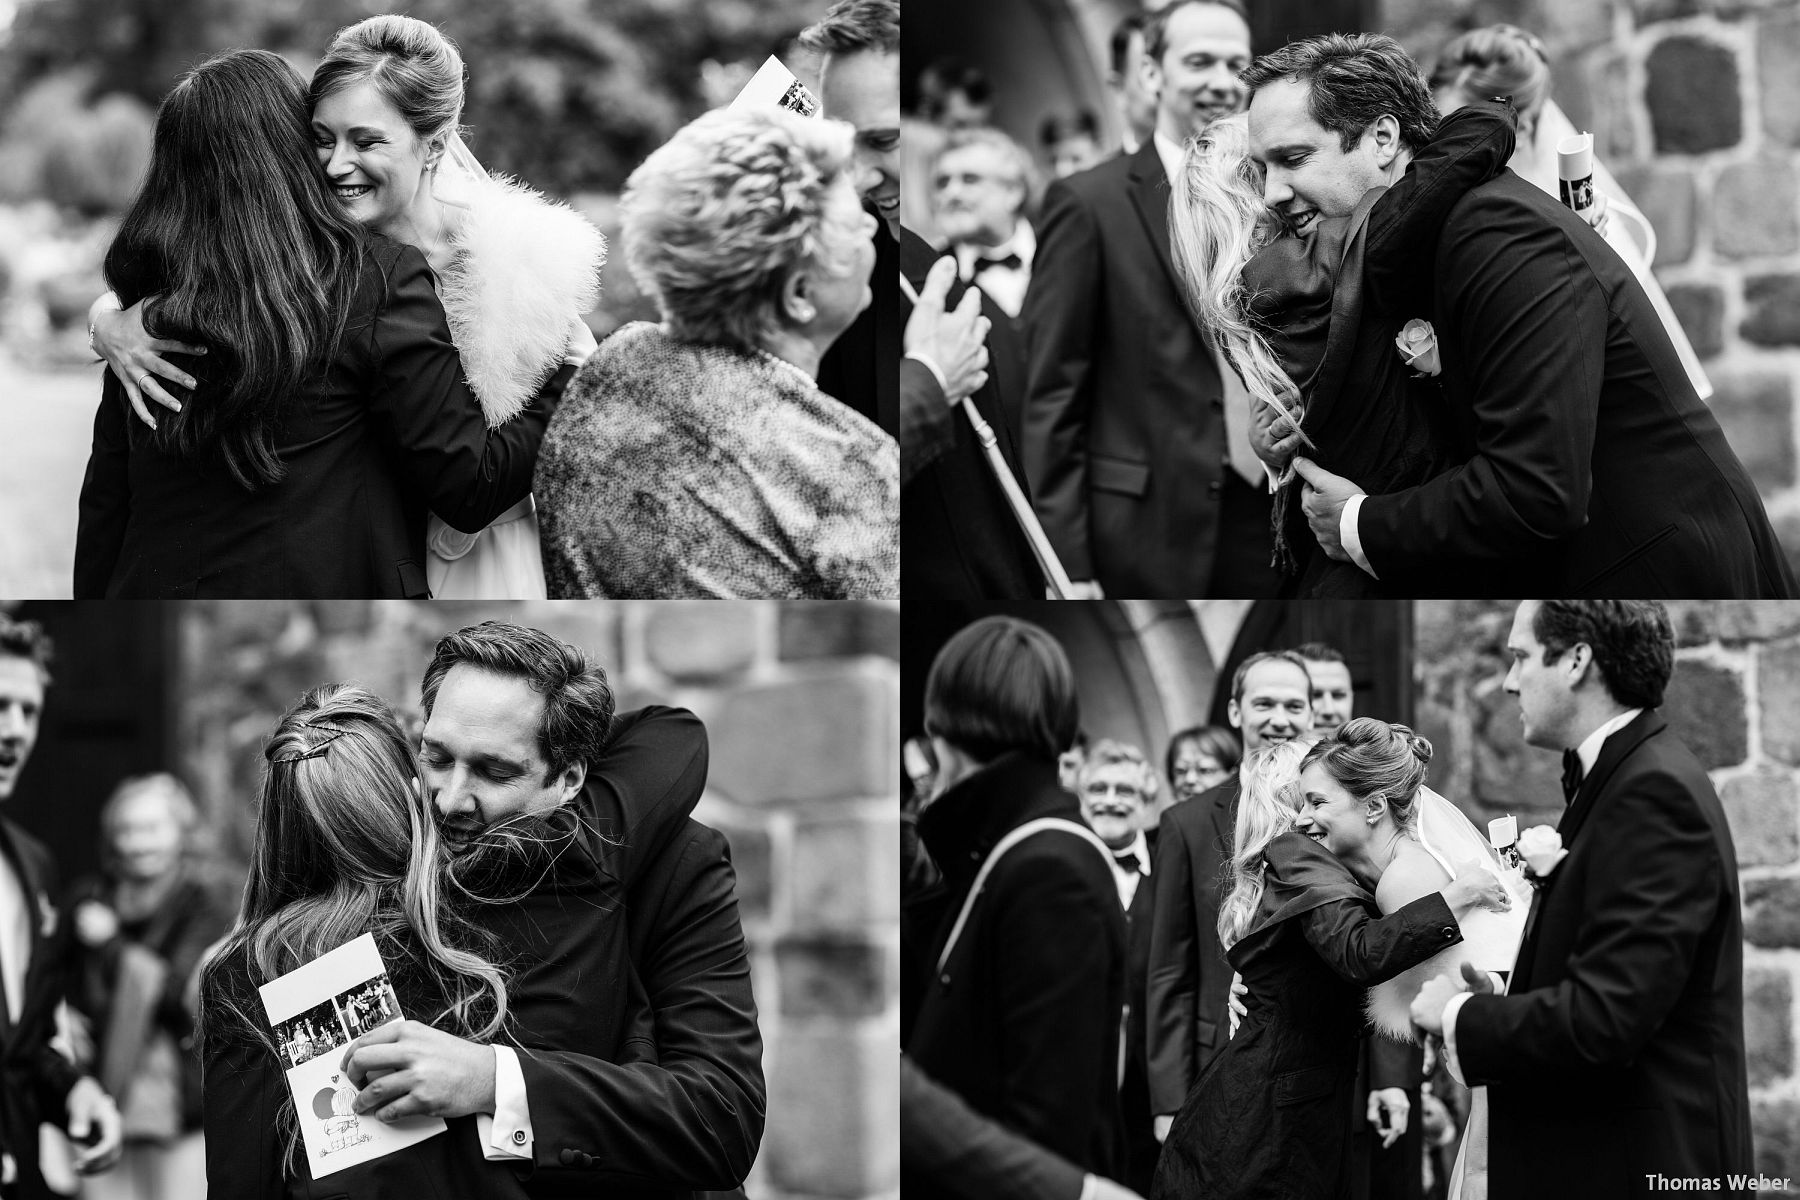 Hochzeitsfotograf Rastede: Kirchliche Trauung in der St. Ulrichs Kirche Rastede und Hochzeitsfeier in der Eventscheune St Georg Rastede mit dem Catering von Michael Niebuhr aus Oldenburg (35)